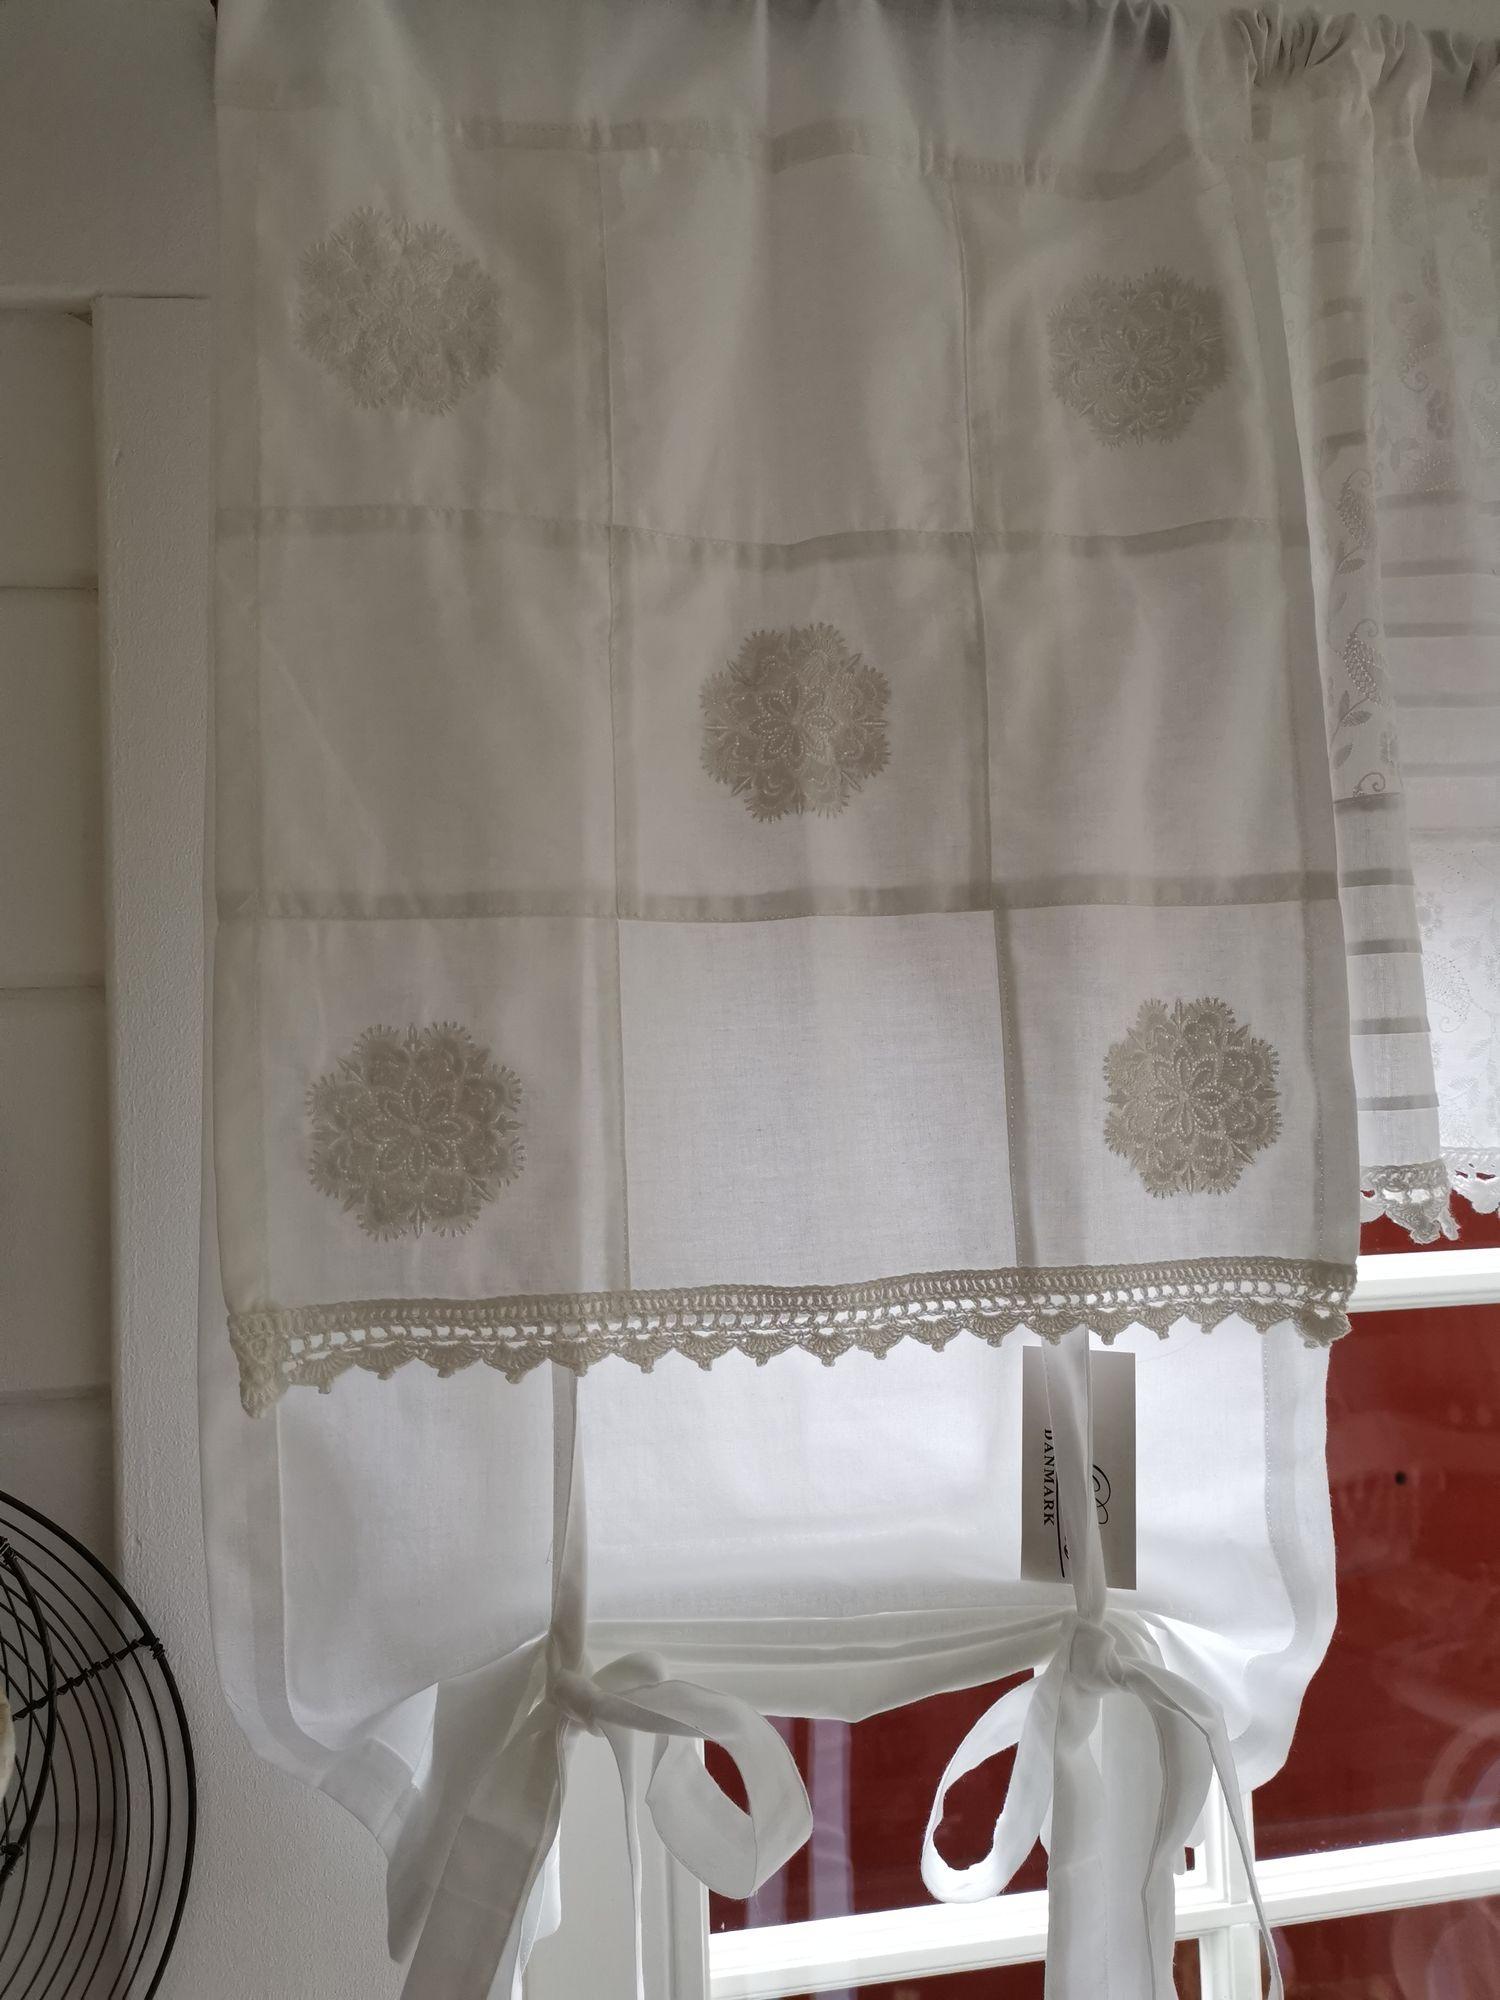 Full Size of Raffgardine Betten Landhausstil Wohnzimmer Esstisch Bad Regal Sofa Schlafzimmer Weiß Küche Bett Boxspring Raffrollo Wohnzimmer Raffrollo Landhausstil